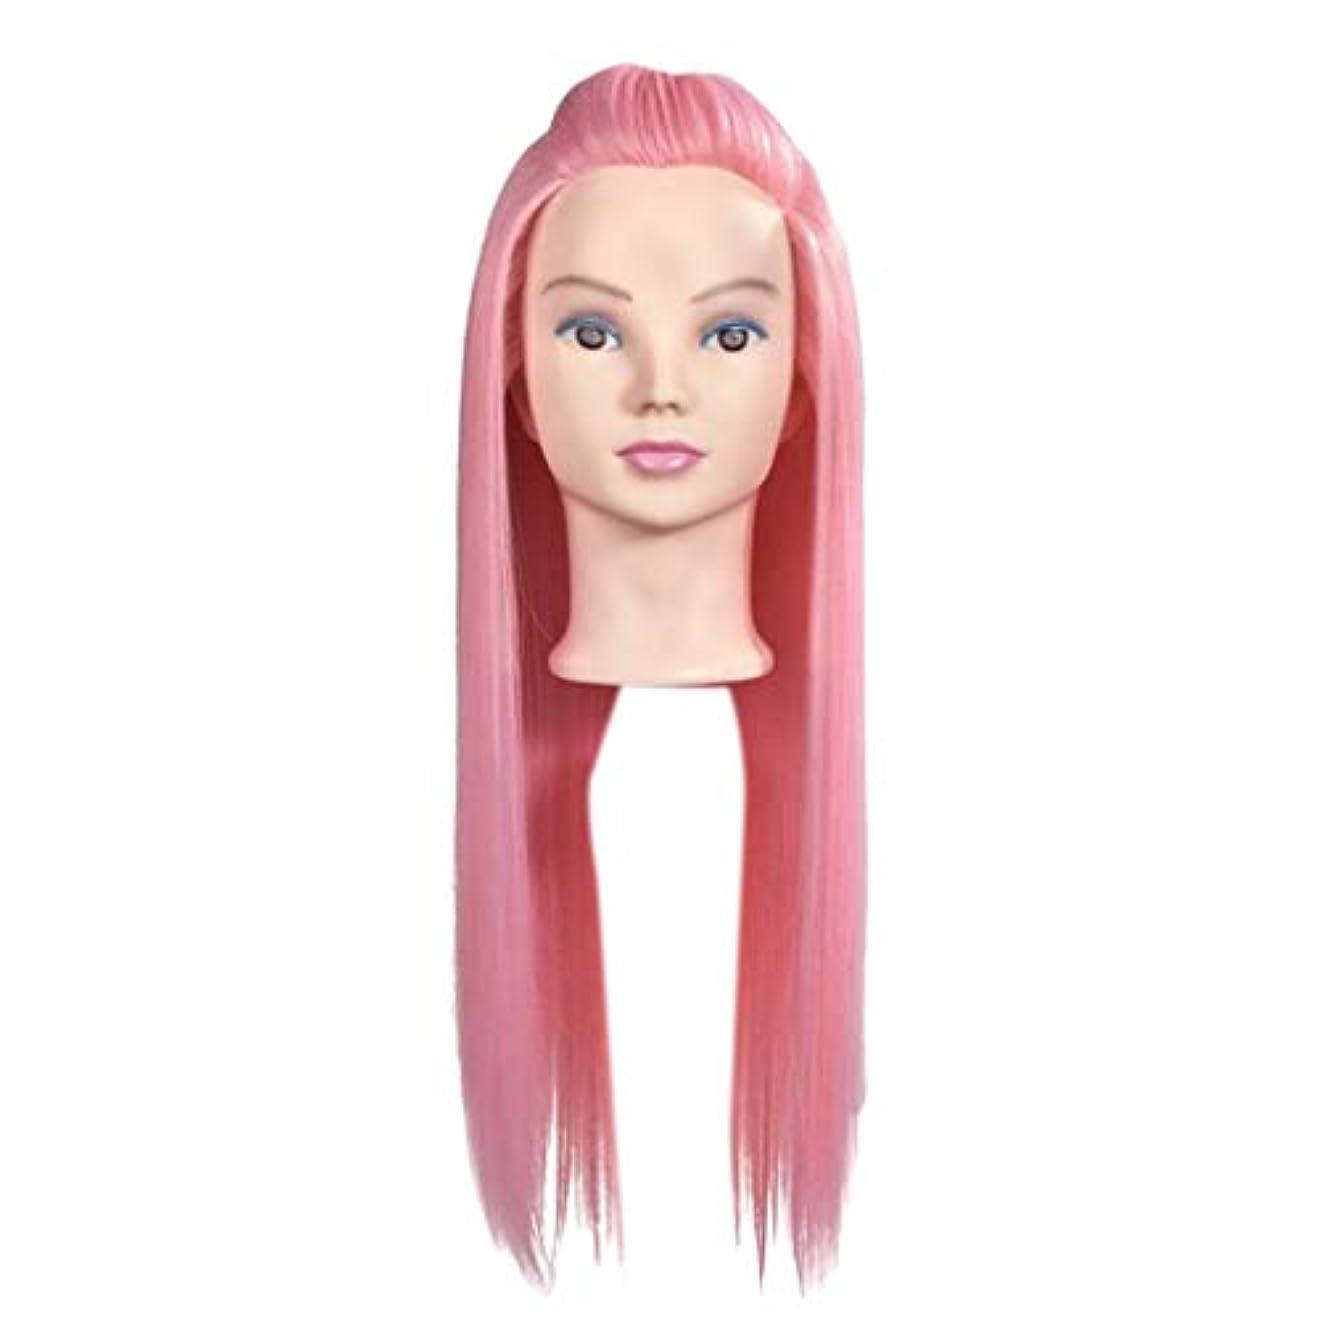 論文燃やす体Toygogo 23インチピンク美容化粧顔マネキンマネキンヘッド髪、サロンスタイリング練習組紐人形頭合成髪